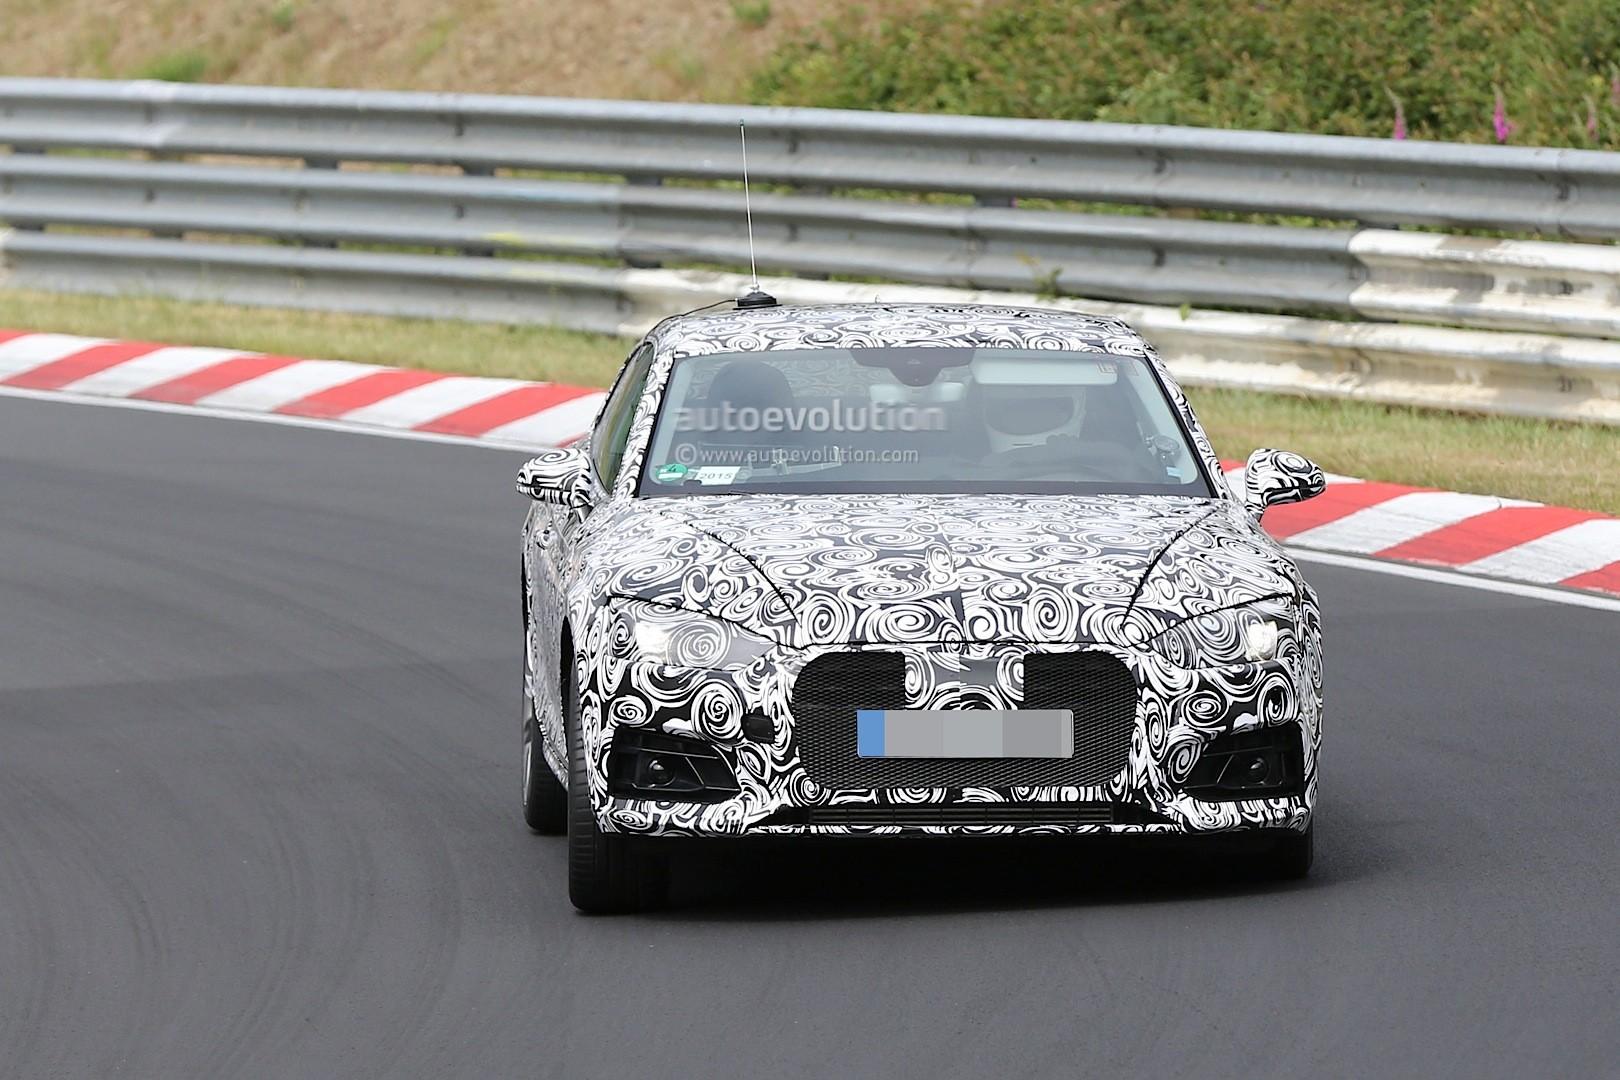 2016 - [Audi] A5 Coupé, Cabriolet et Sportback - Page 3 Spyshots-2017-audi-a5-coupe-begins-nurburgring-testing_9